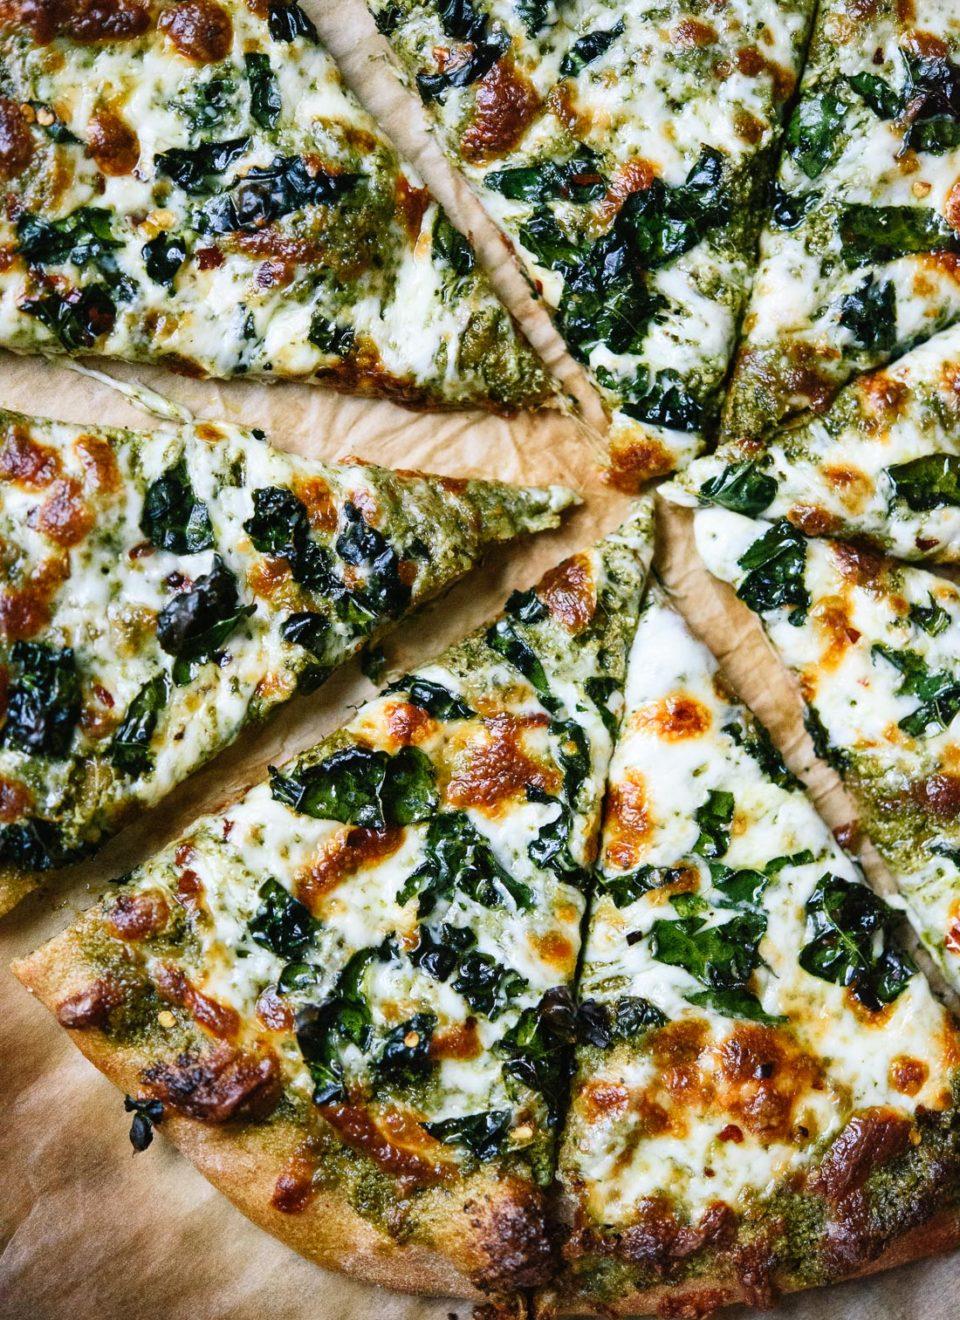 Капуста кале: пицца с кале и моцареллой. Вегетарианская кухня.